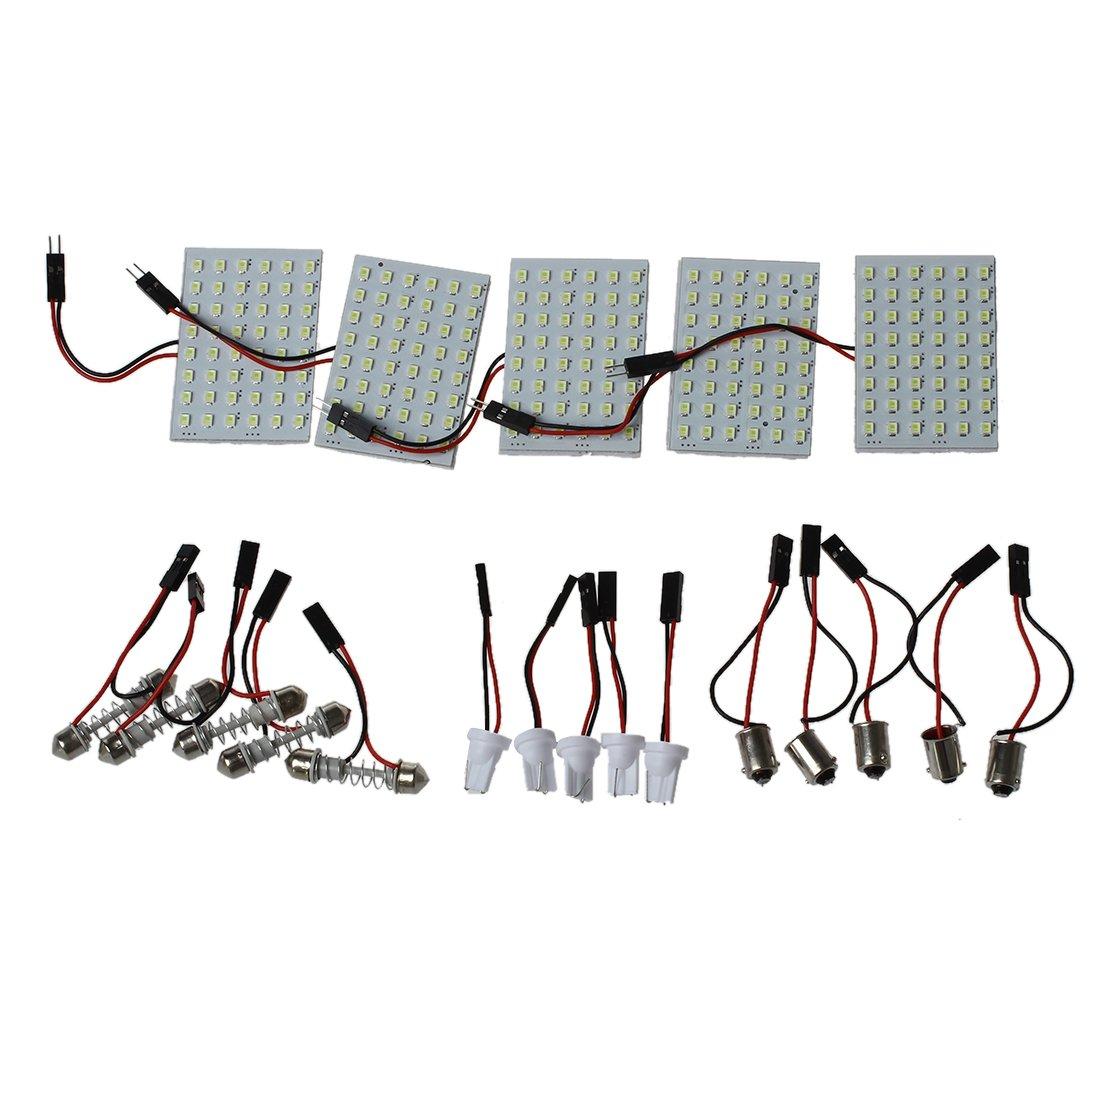 SODIAL 5pcs Car Interior Light Panel 48 SMD LED T10 BA9S Dome Festoon Bulb Adapter 12V White panel R